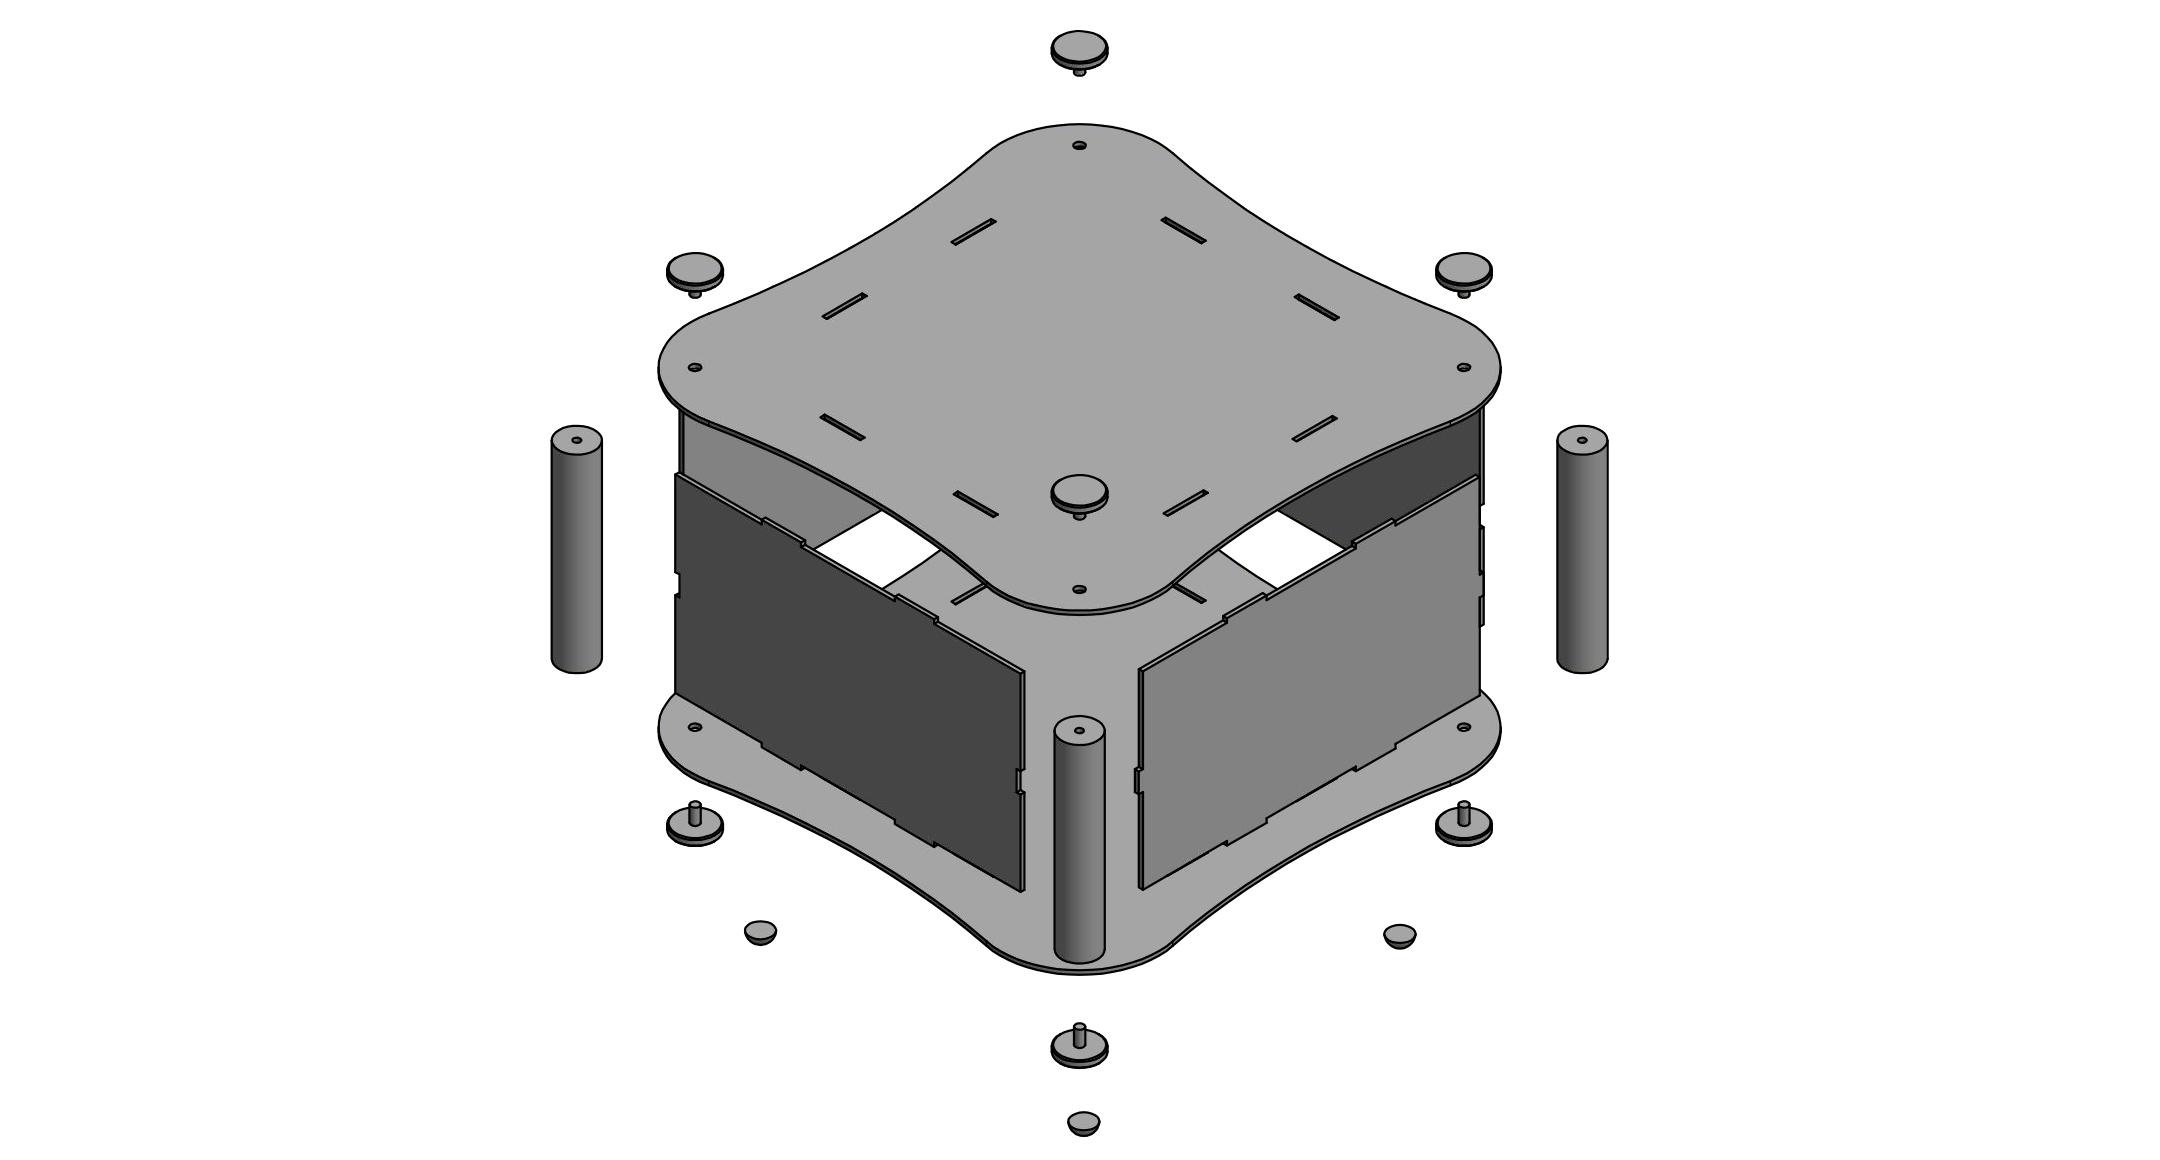 曲線型アルミフリーサイズケース ALRFシリーズの画像